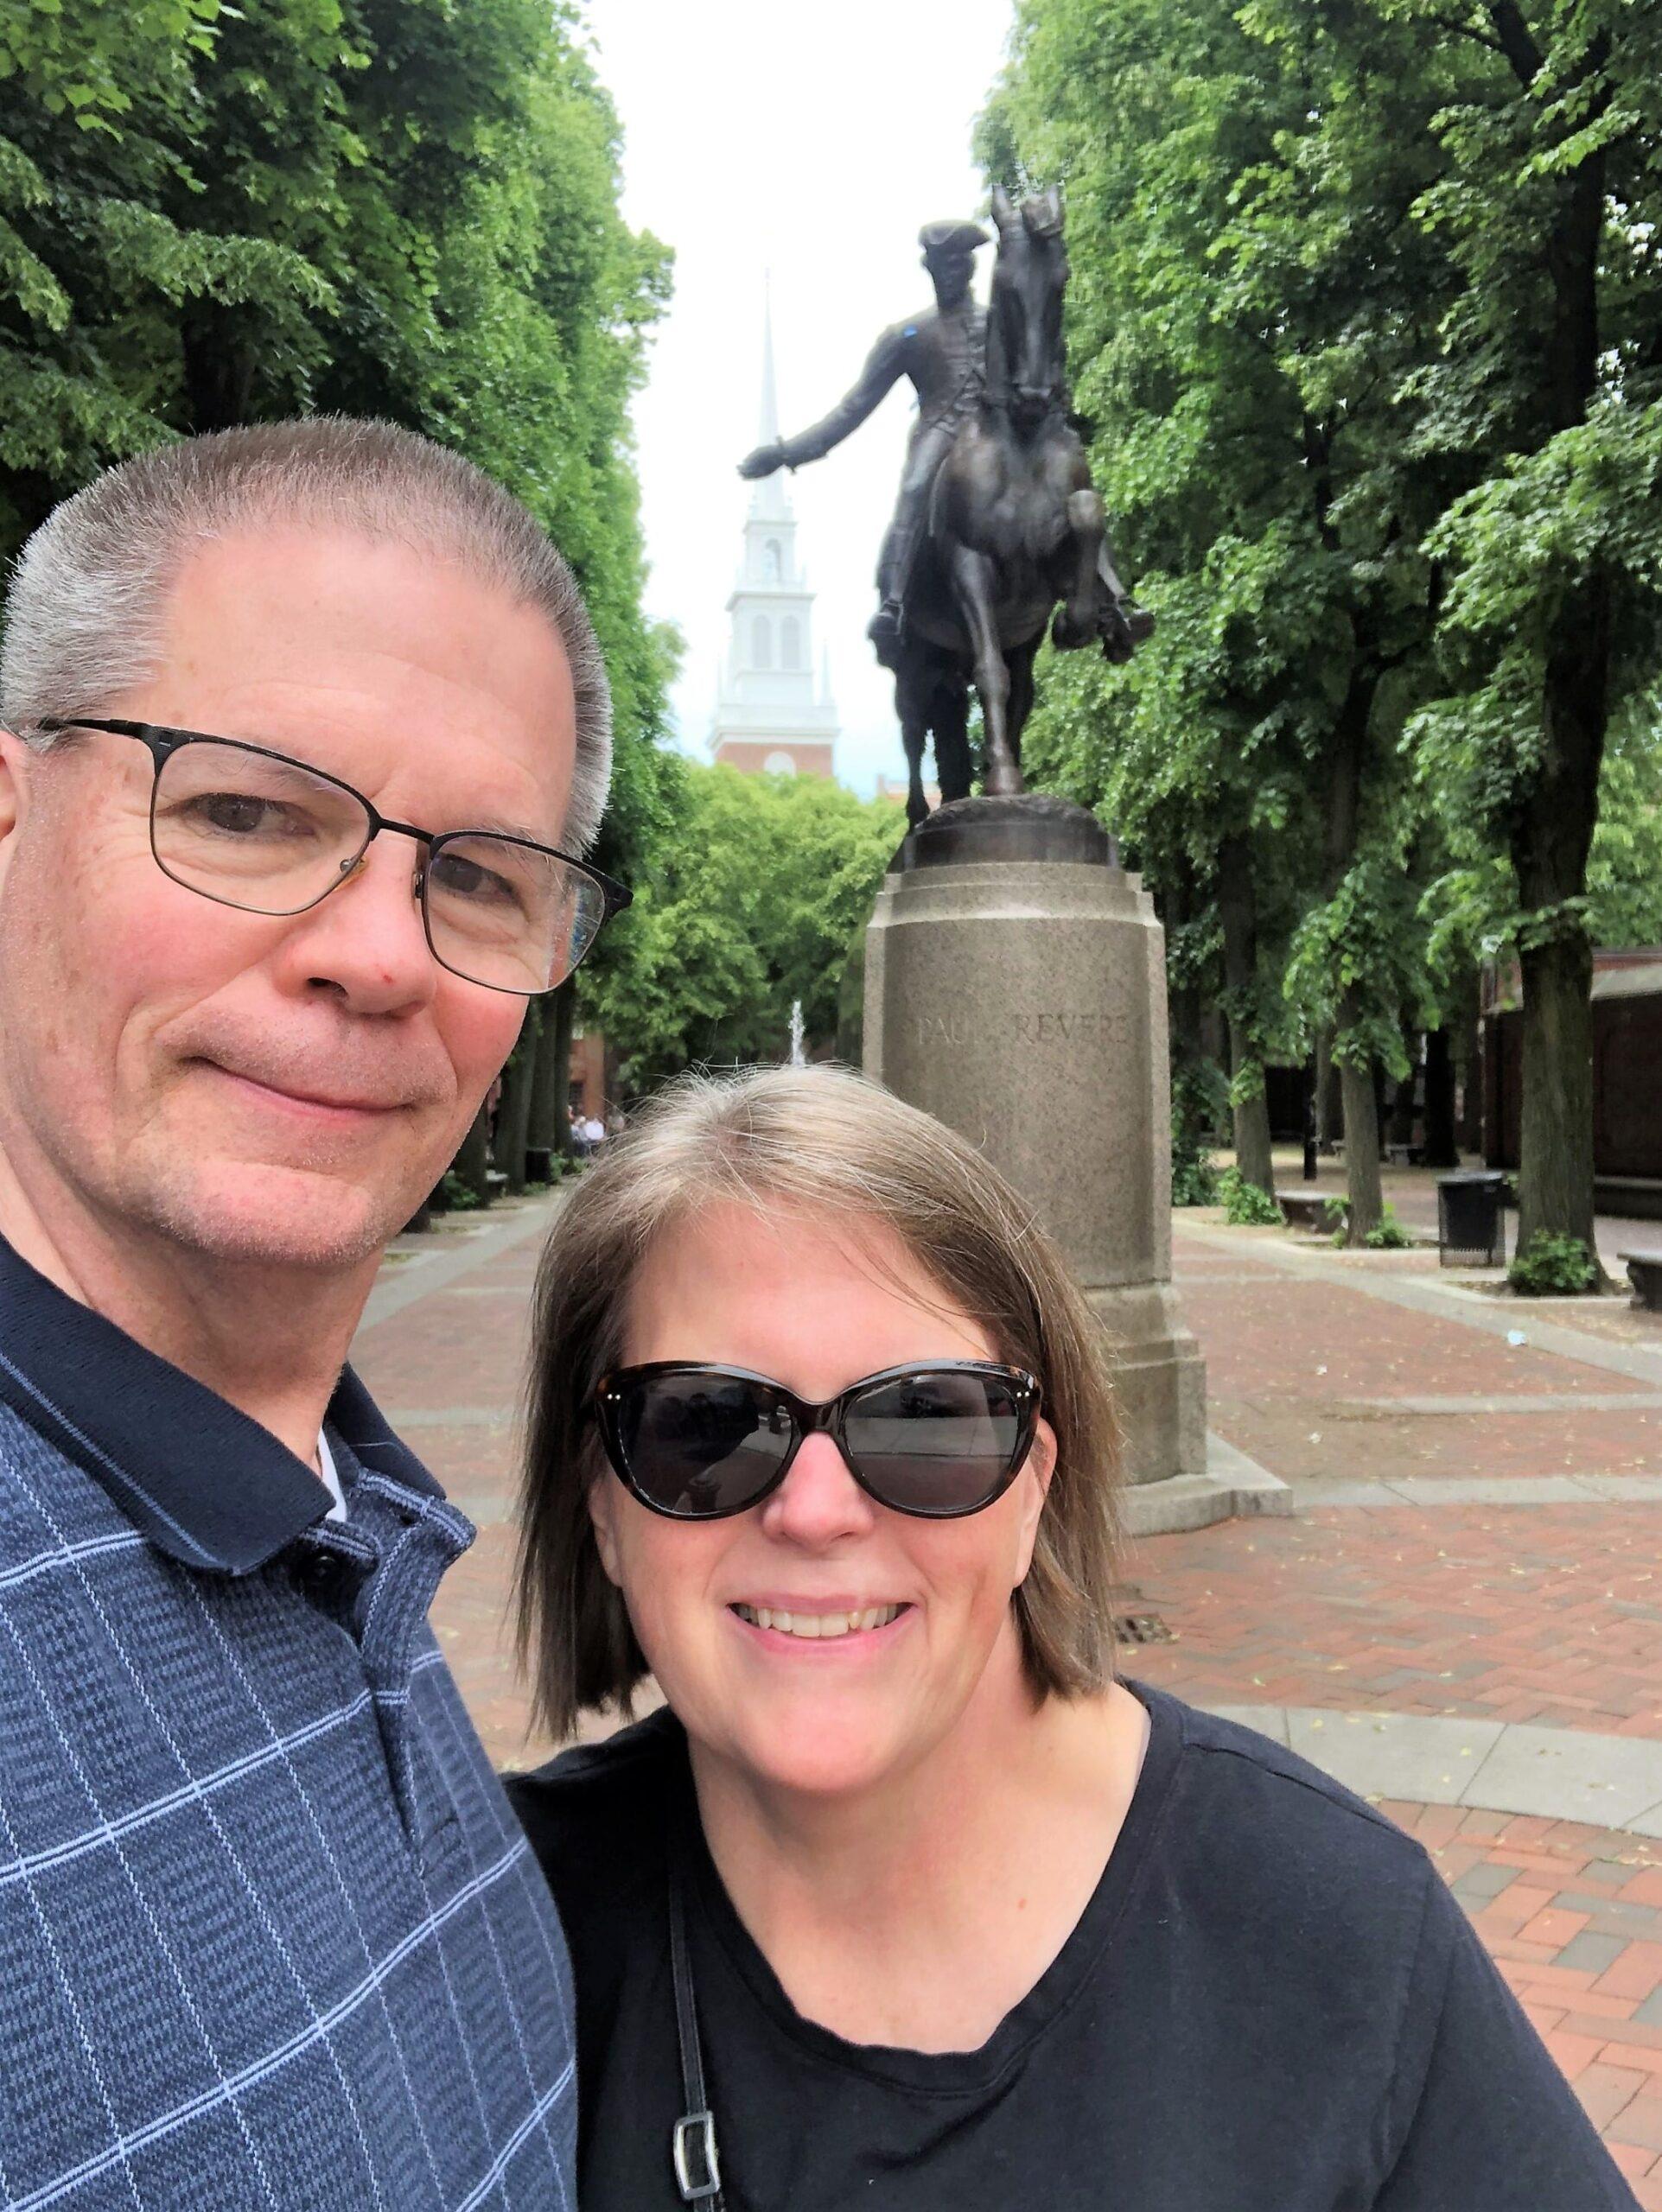 Mark Rauterkus and Catherine Palmer in Boston